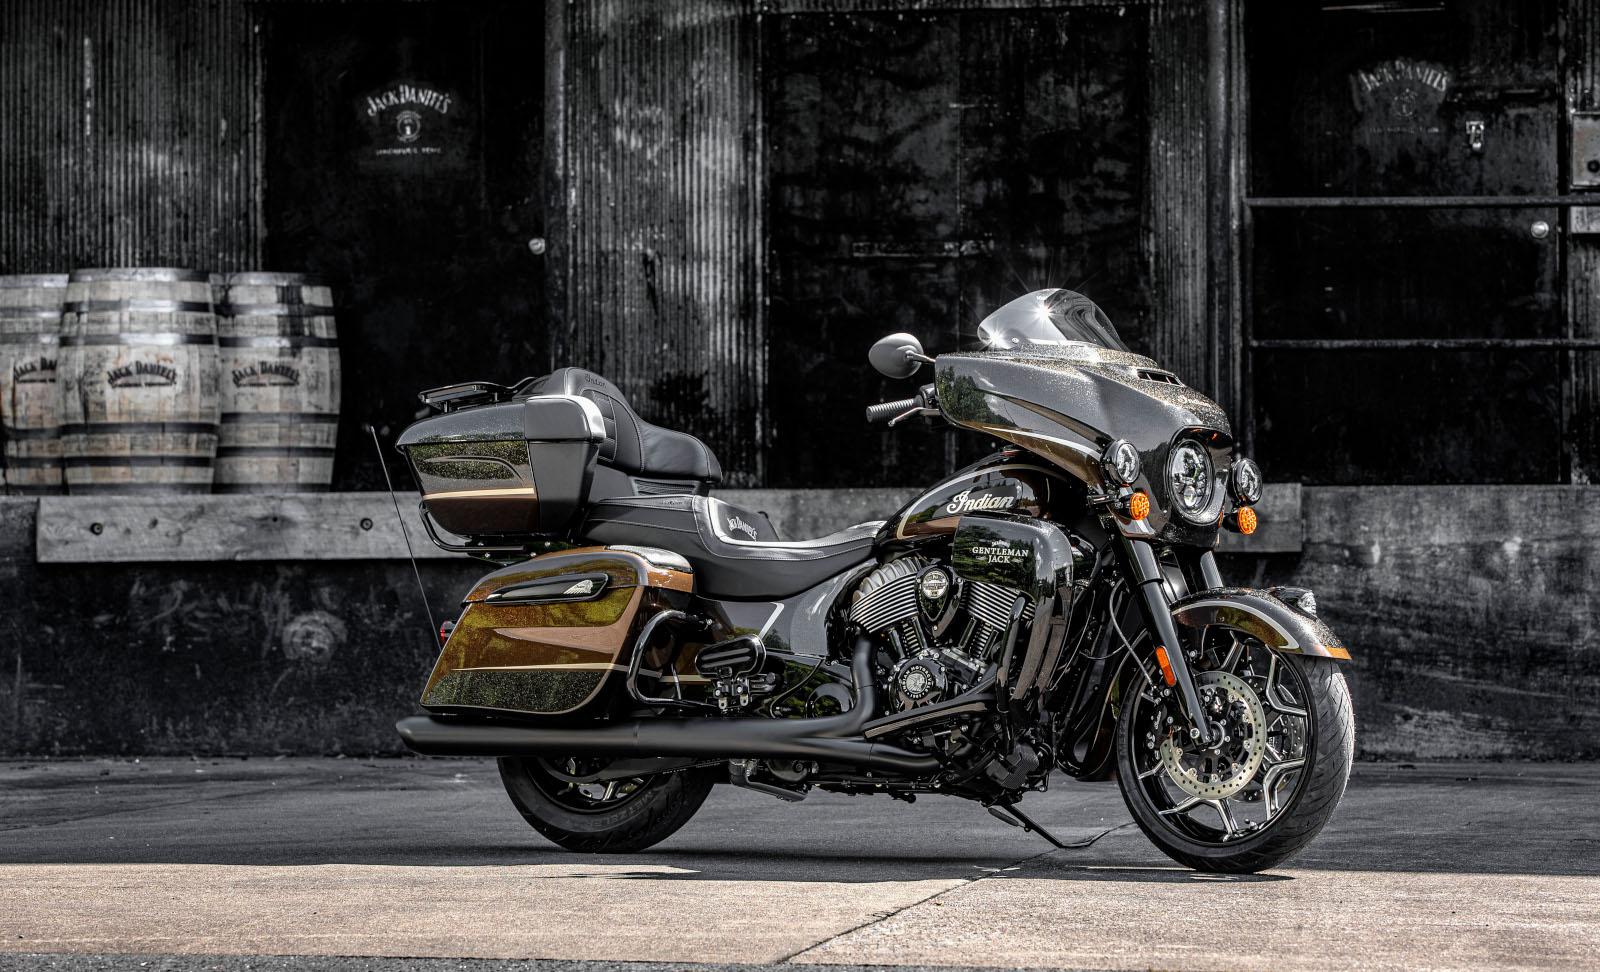 Llega a México la nueva Jack Daniel's Limited Edition Indian Roadmaster Dark Horse